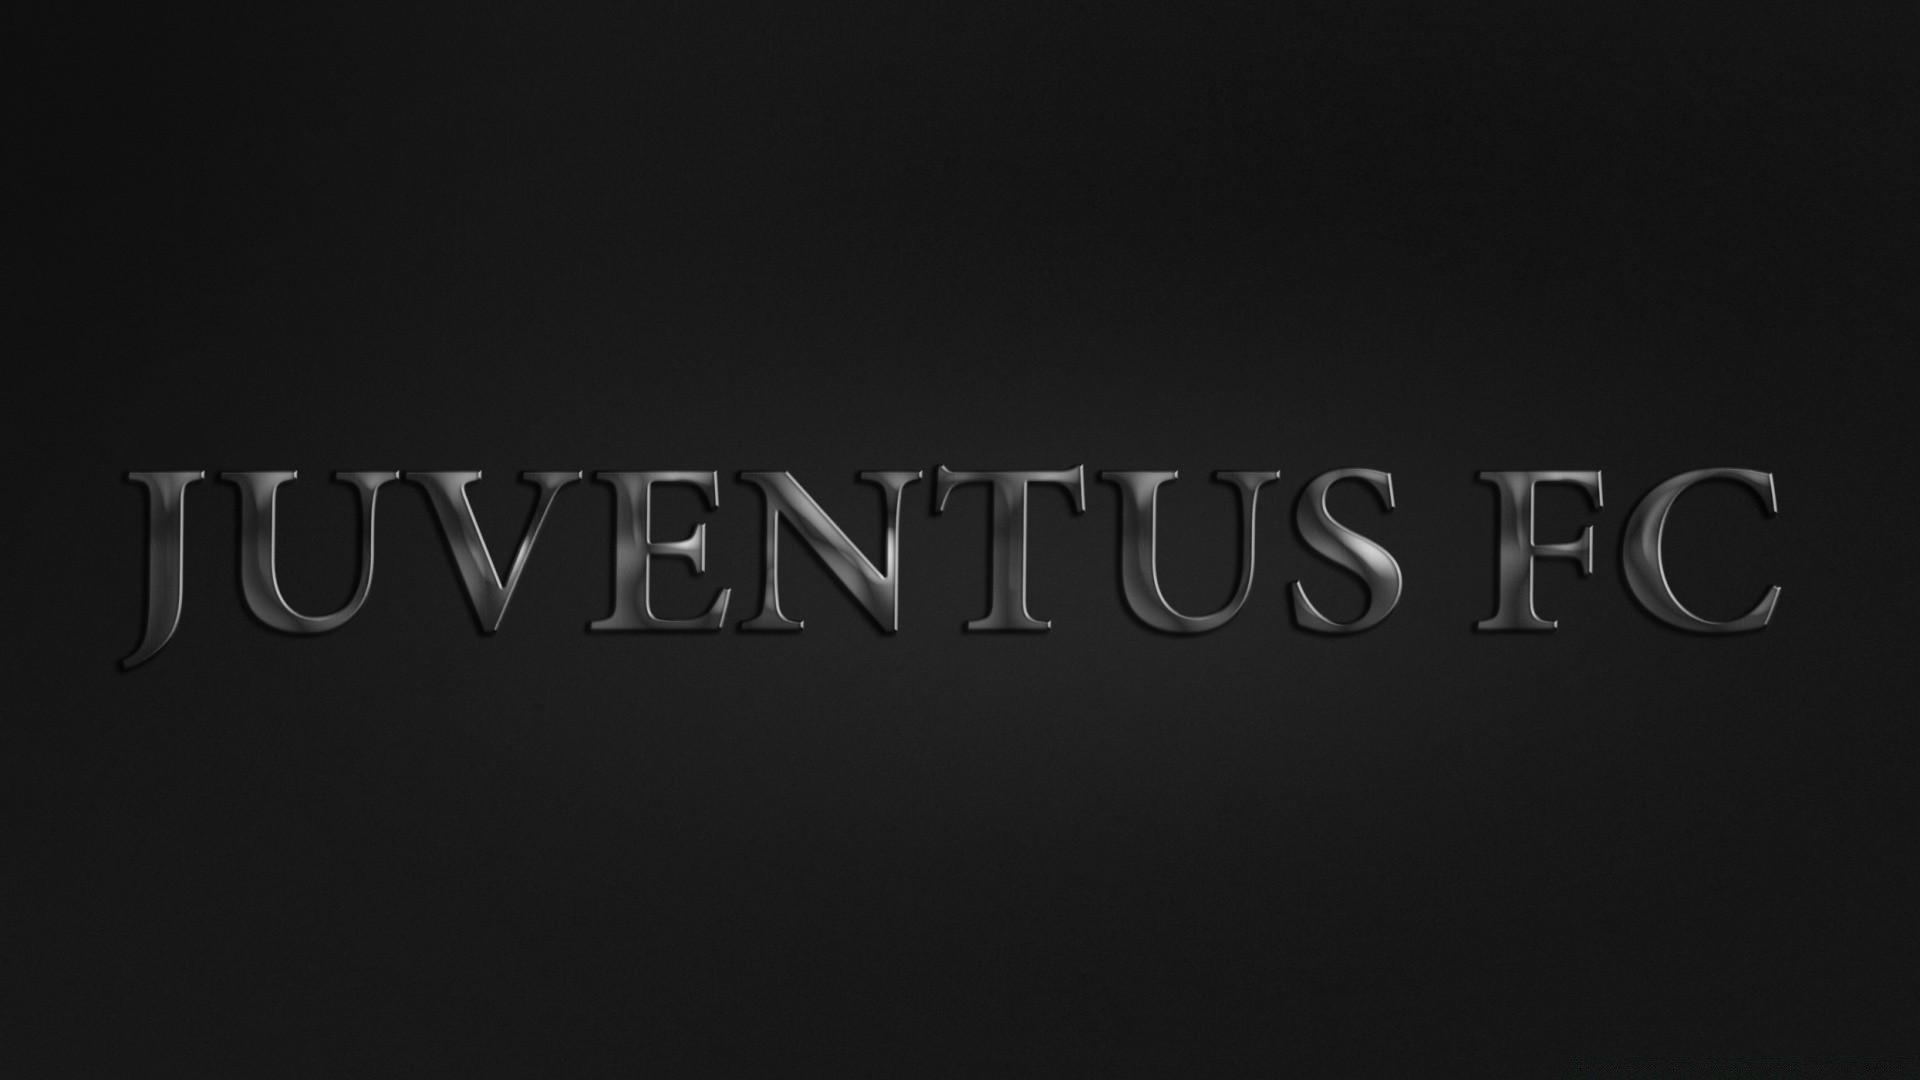 Yuventus Oboi Na Telefon Besplatno